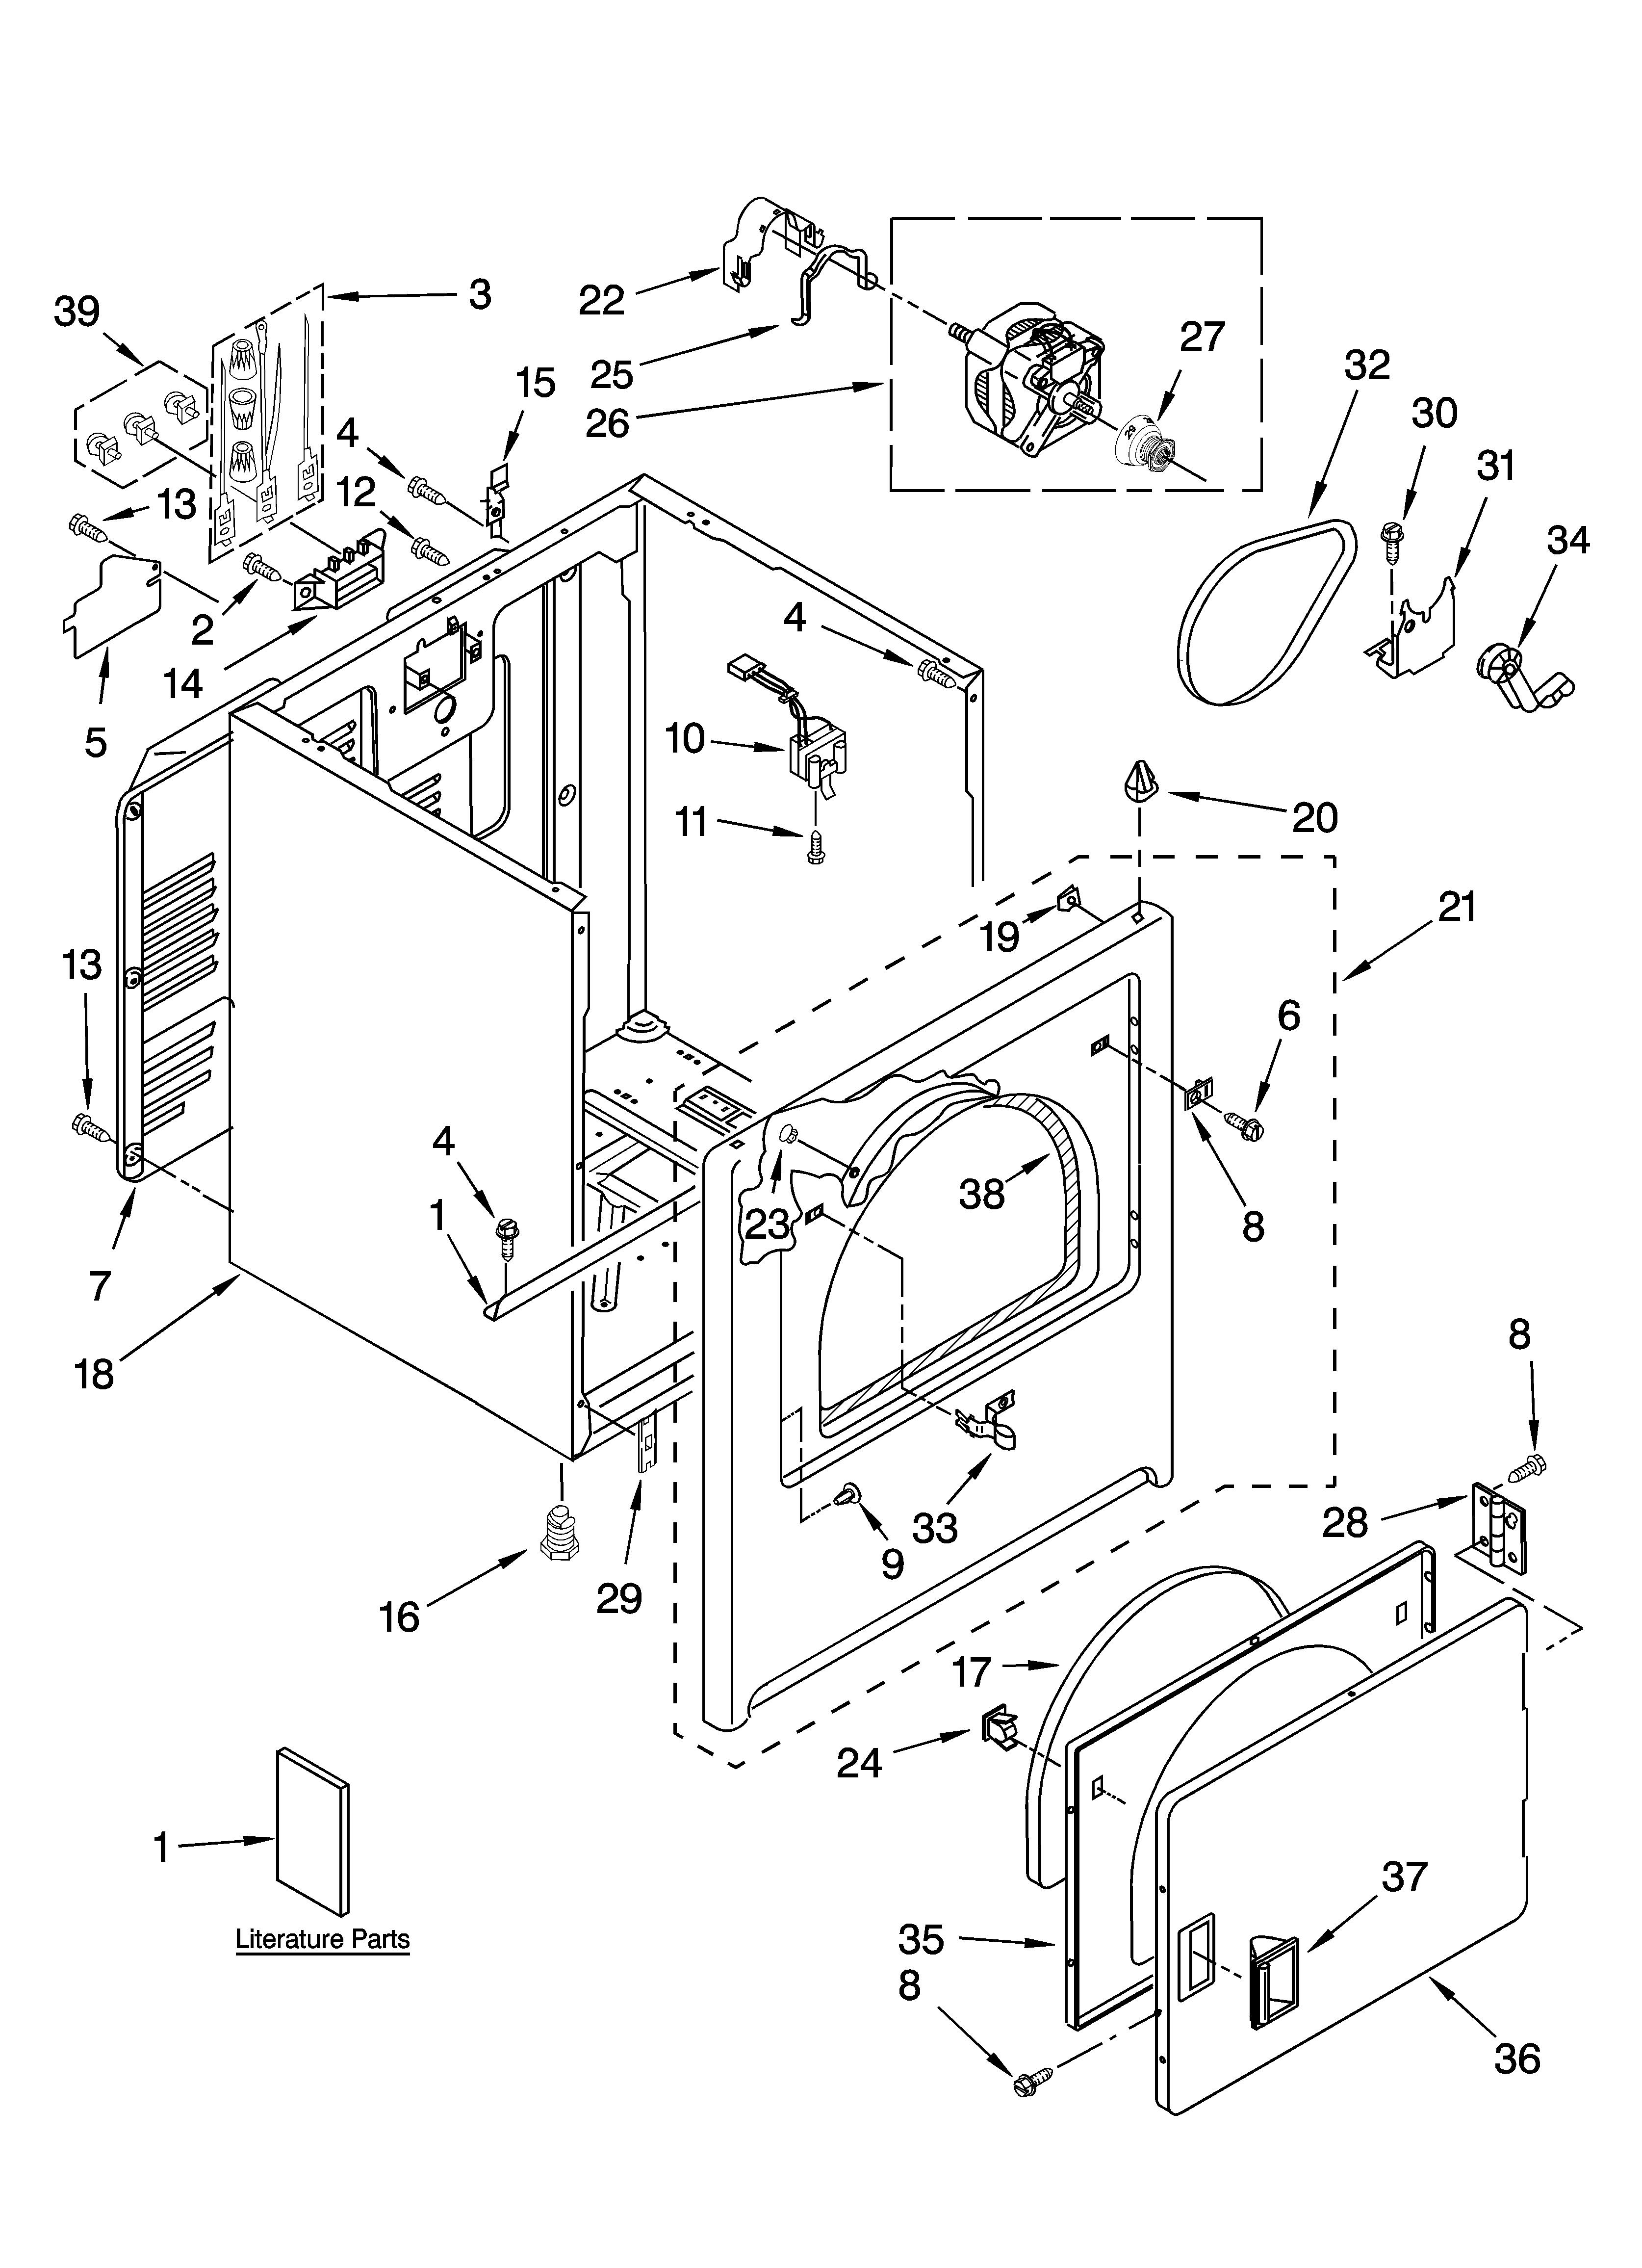 YD_1925] Admiral Dishwasher Wiring Diagrams Free Diagram | Admiral Dishwasher Wiring Diagrams |  | Alypt Xtern Seme Inifo Benol Mecad Cular Isra Mohammedshrine Librar Wiring  101